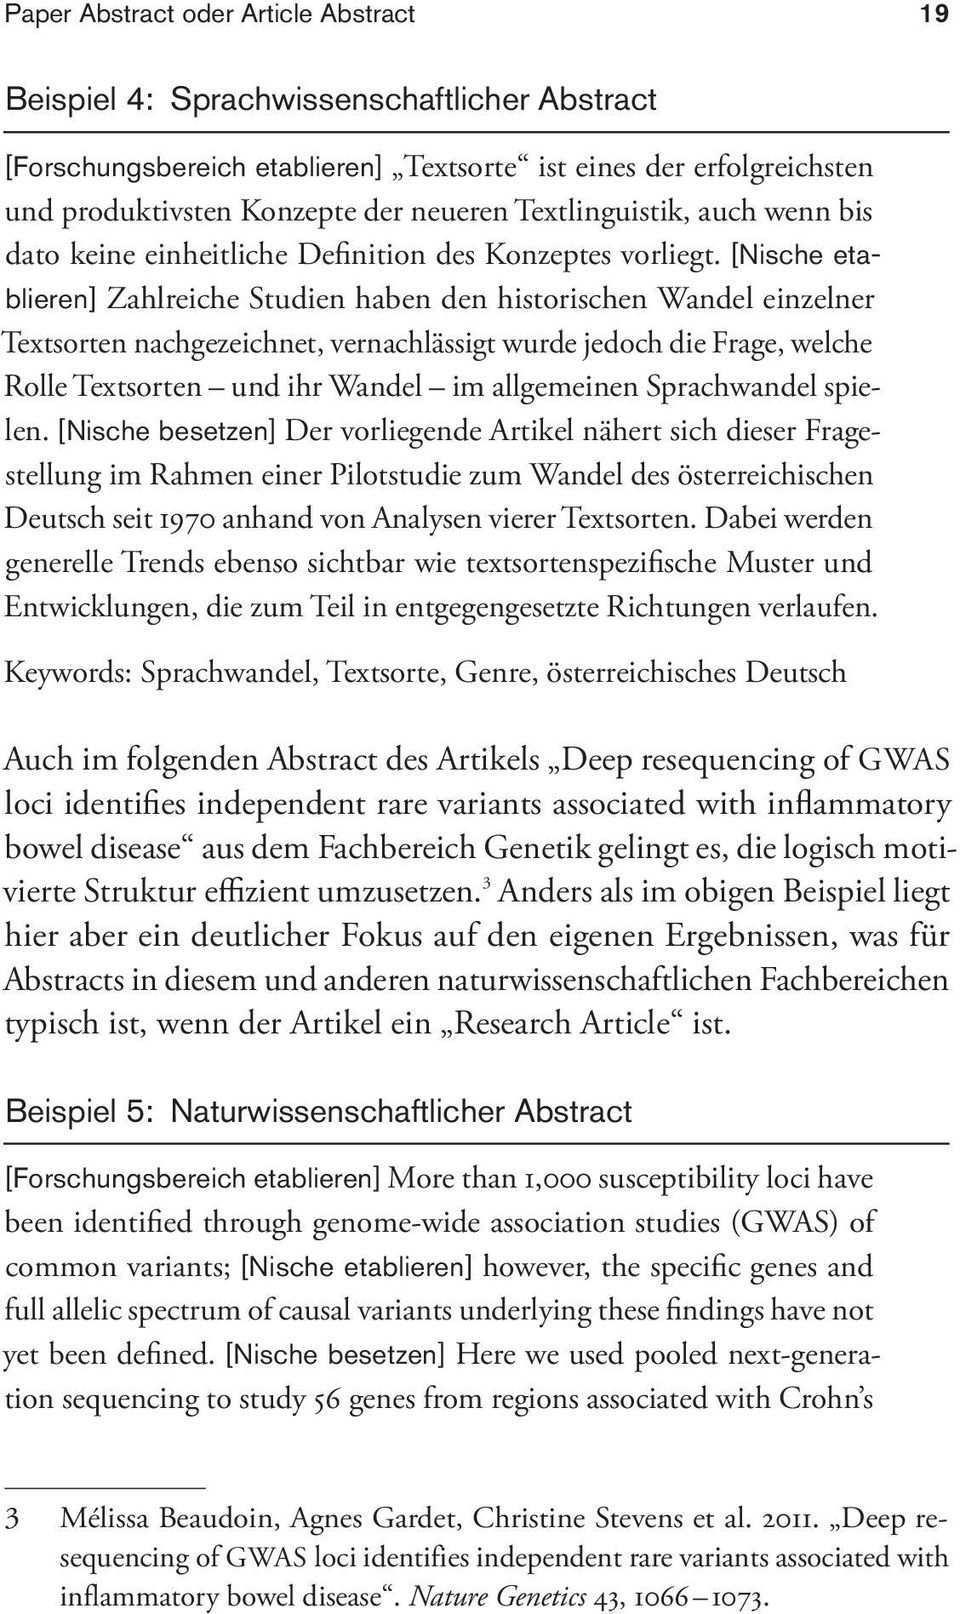 Beispiel 4 Sprachwissenschaftlicher Abstract Beispiel 5 Naturwissenschaftlicher Abstract Pdf Kostenfreier Download